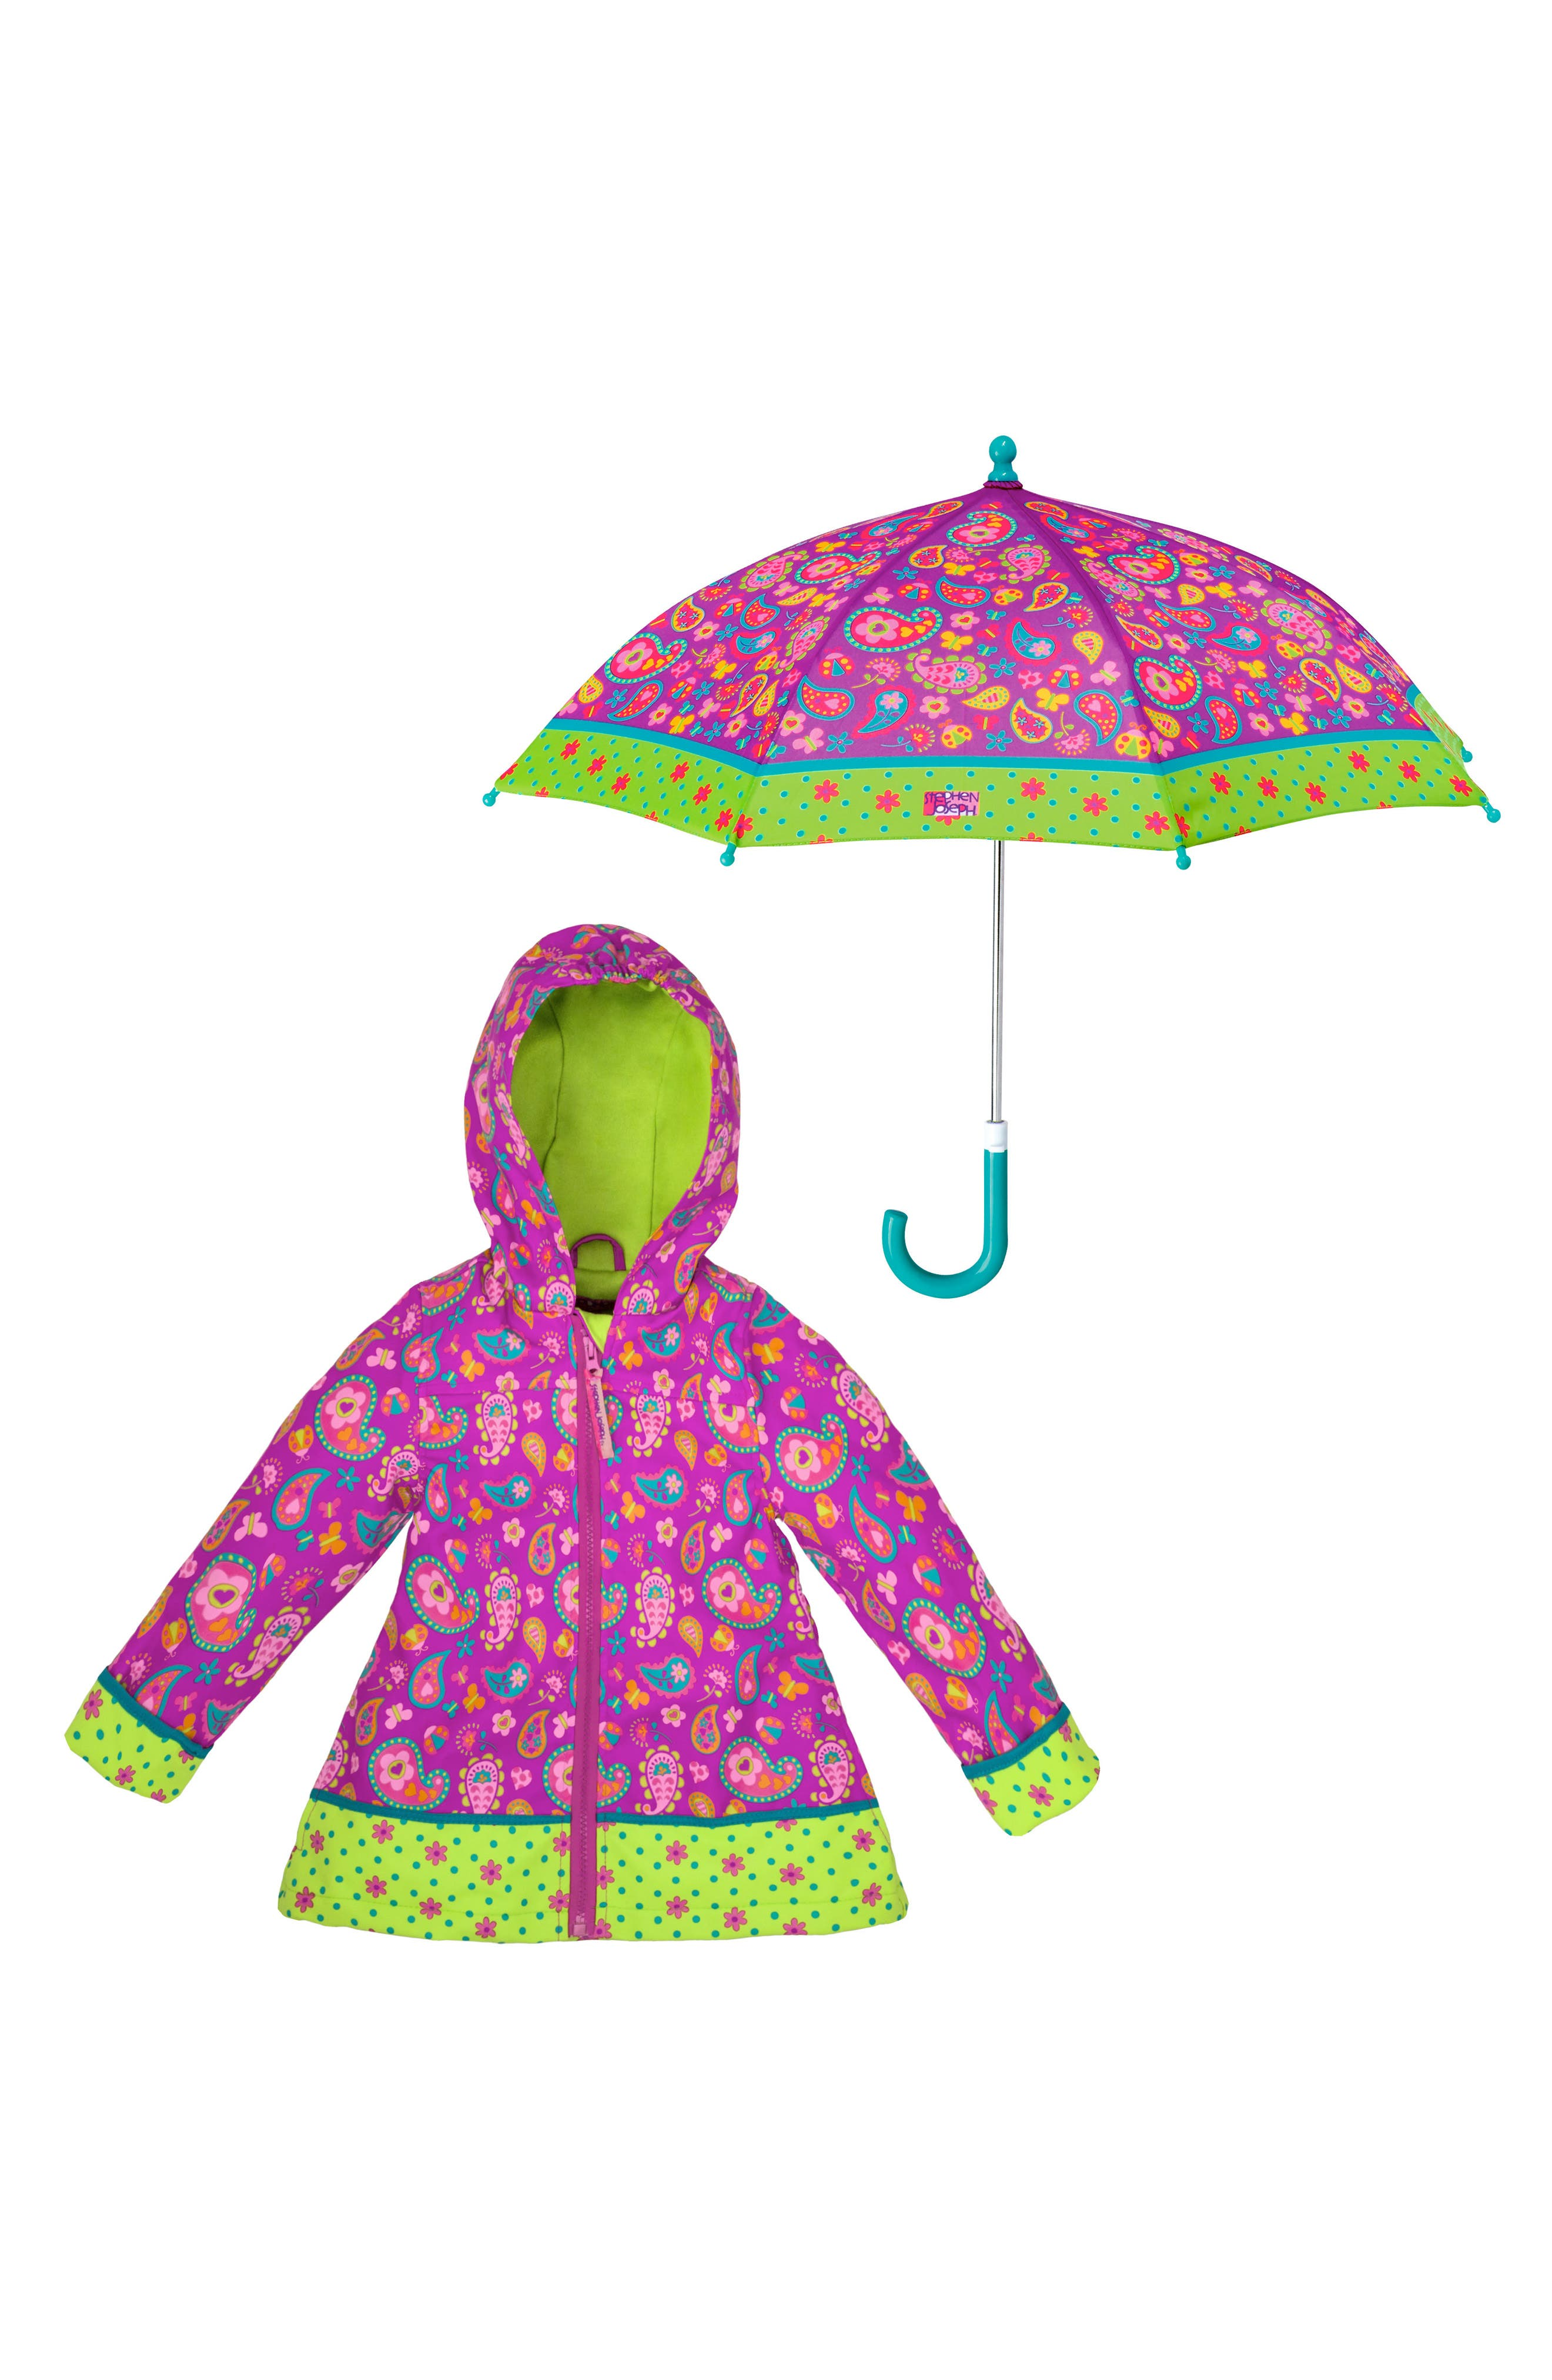 Paisley Raincoat & Umbrella Set,                             Main thumbnail 1, color,                             PAISLEY